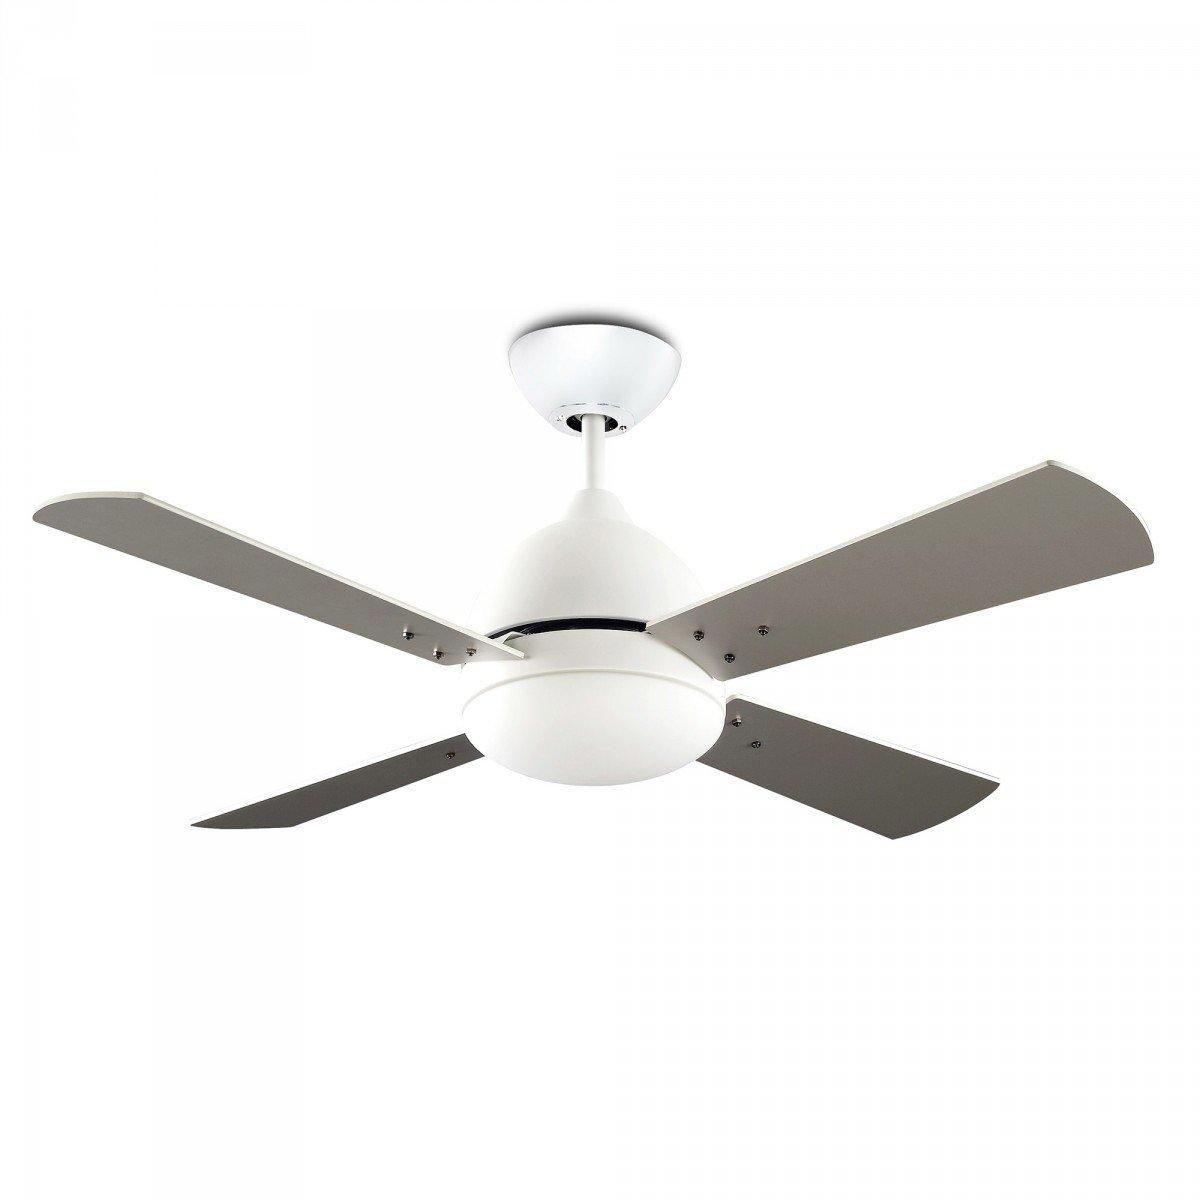 LEDSC4 BORNEO Ventilador de techo con luz blanco